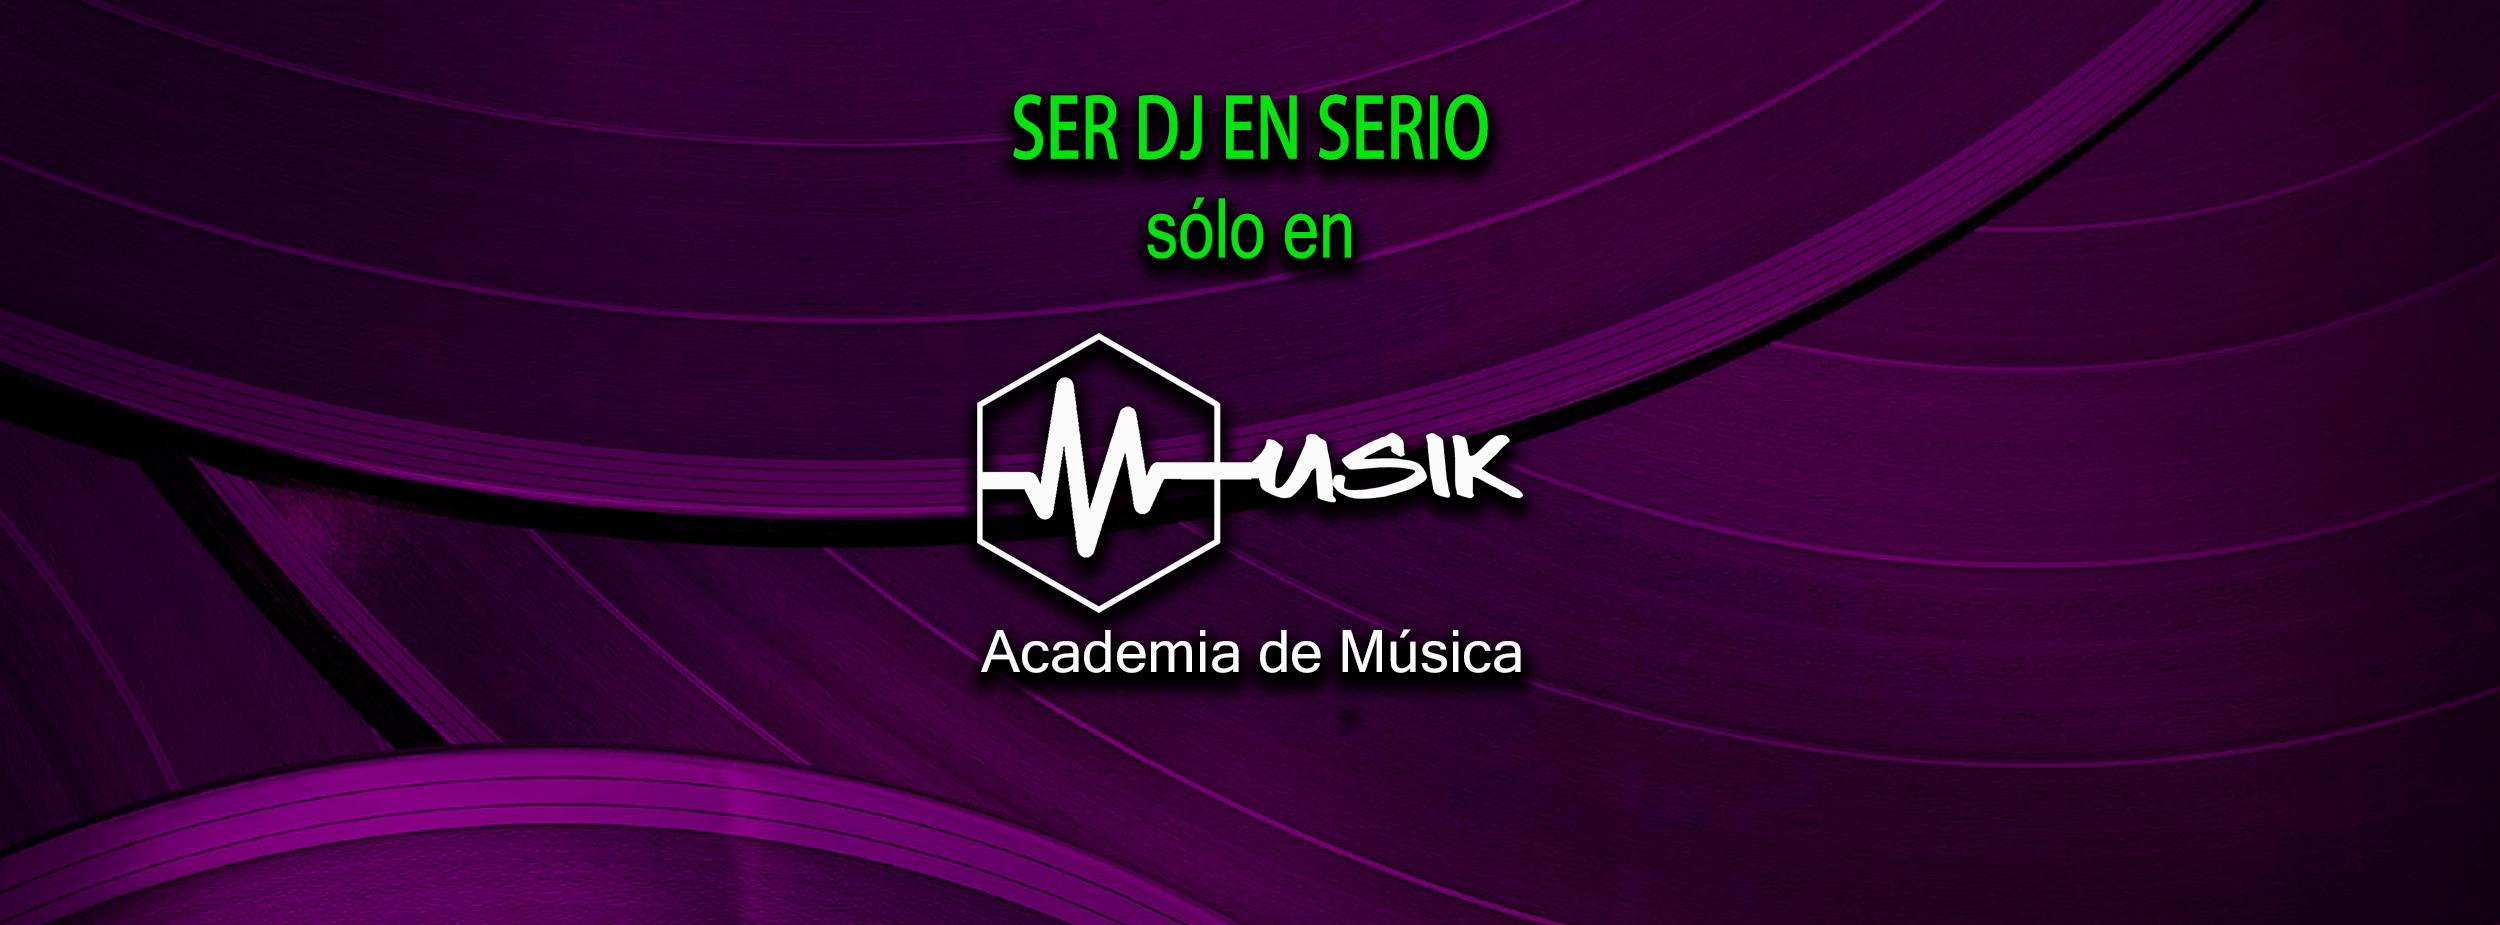 Musik 019 - Dj-Profesional 3 Dj En Serio